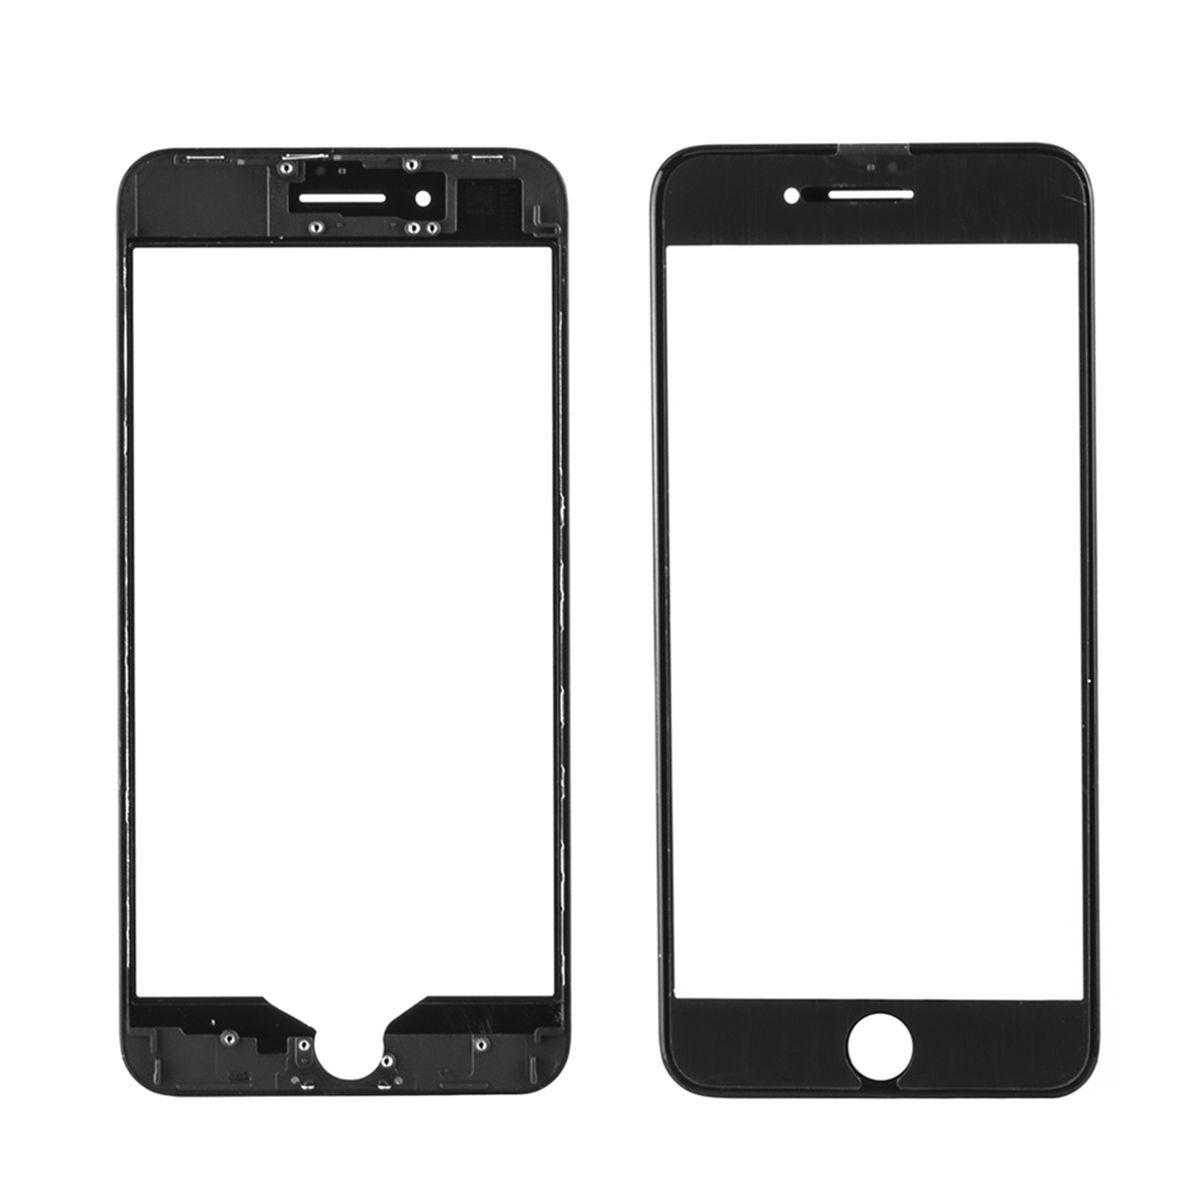 Стекло дисплей для iPhone 8G Plus (3 в 1) с рамкой и OCA пленкой, Black